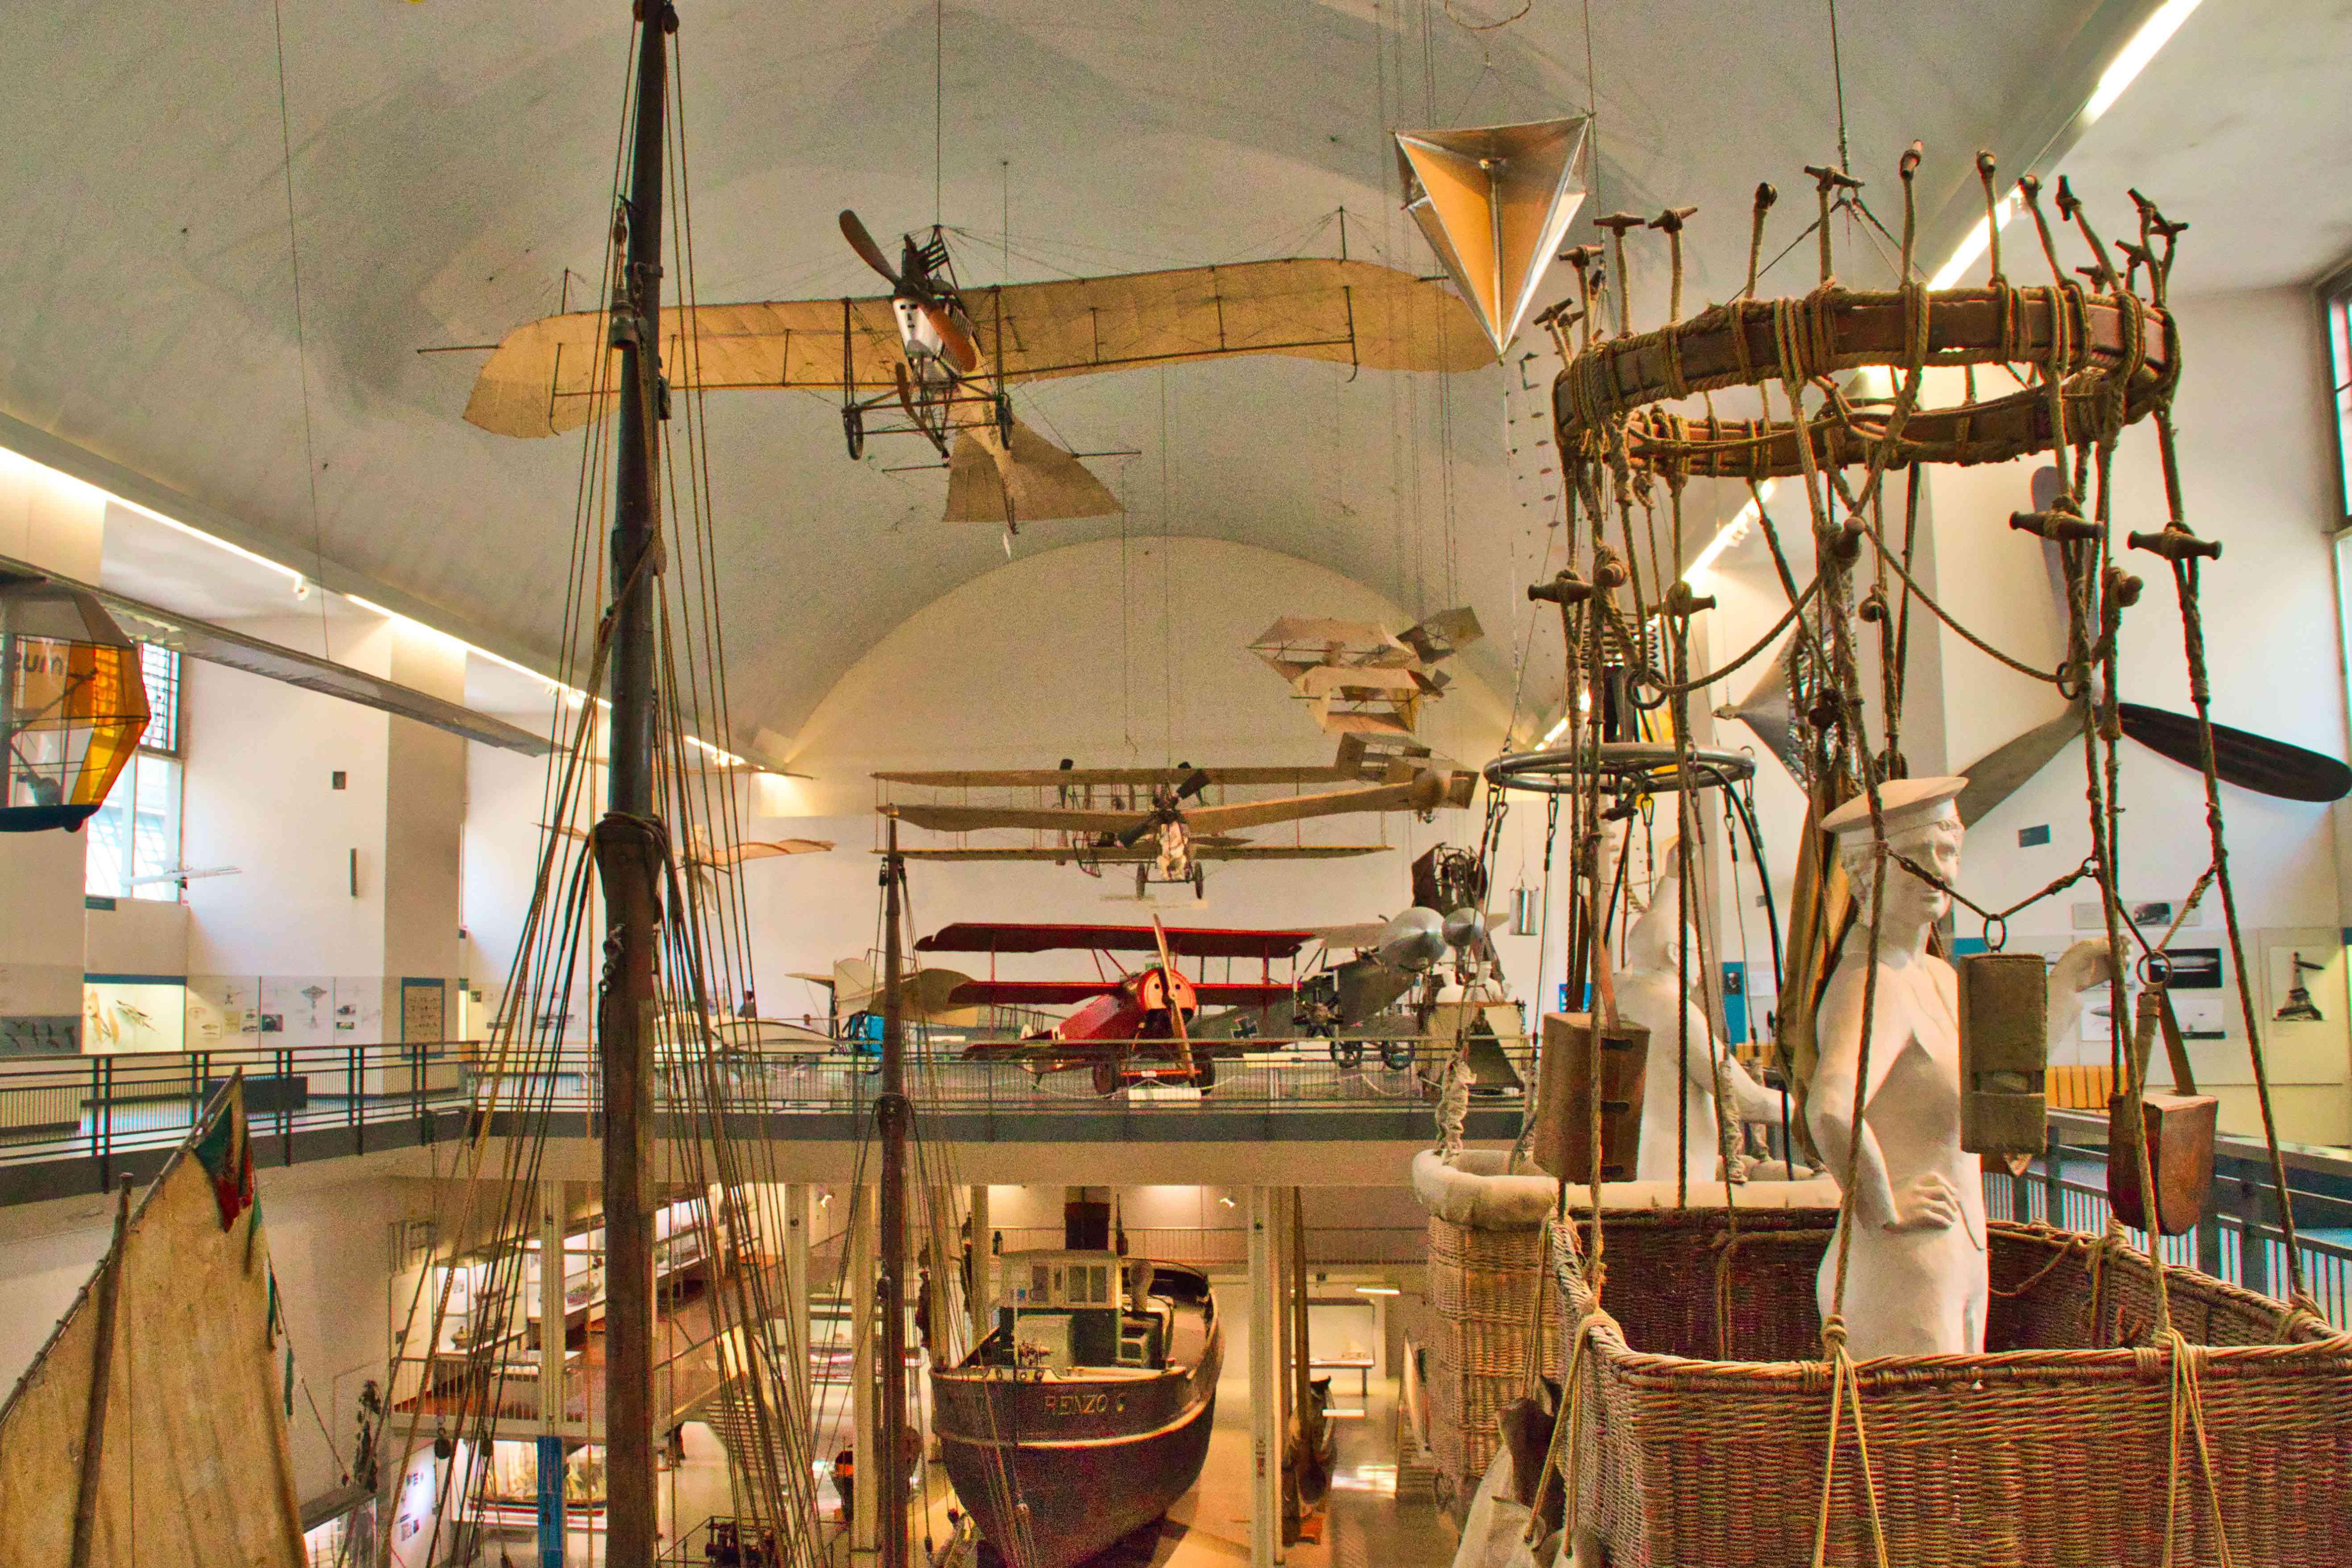 La exhibición de aviación en el museo Deutsche